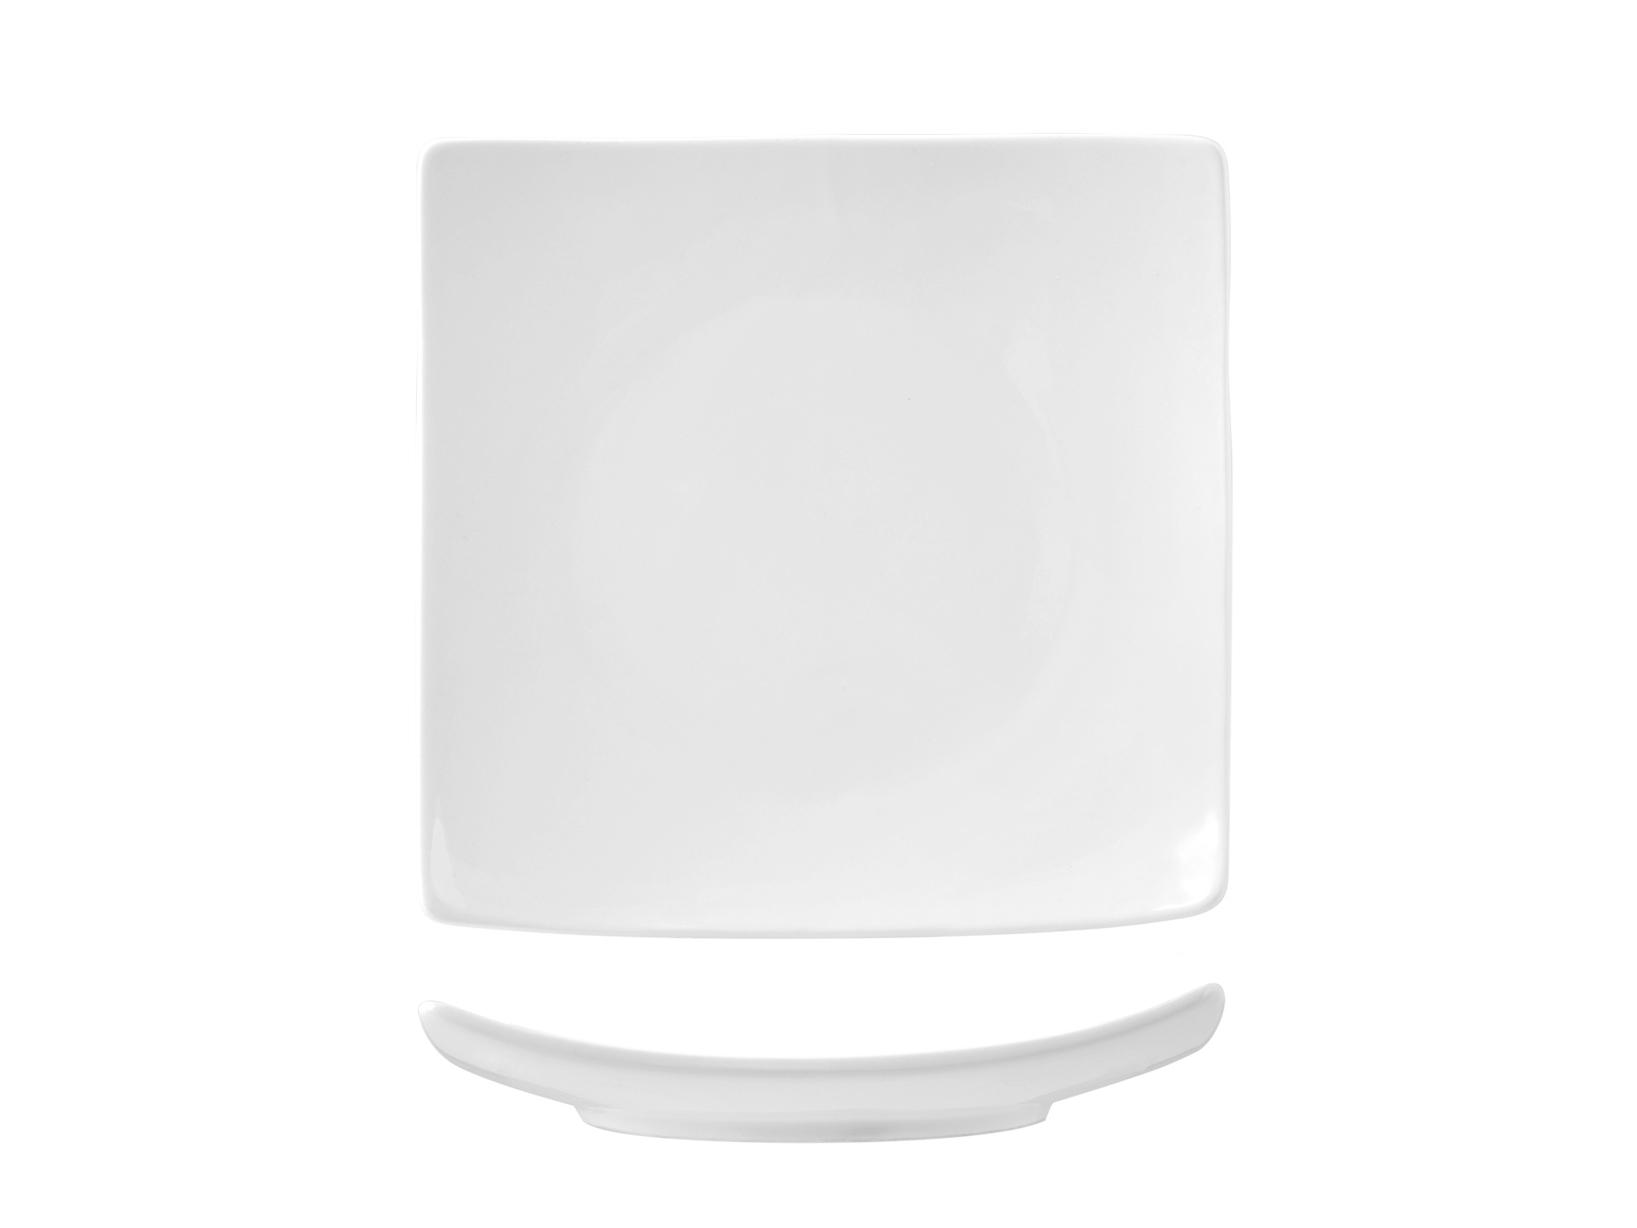 Piatto In Porcellana Bianco Quadro Coupe 20 A6194